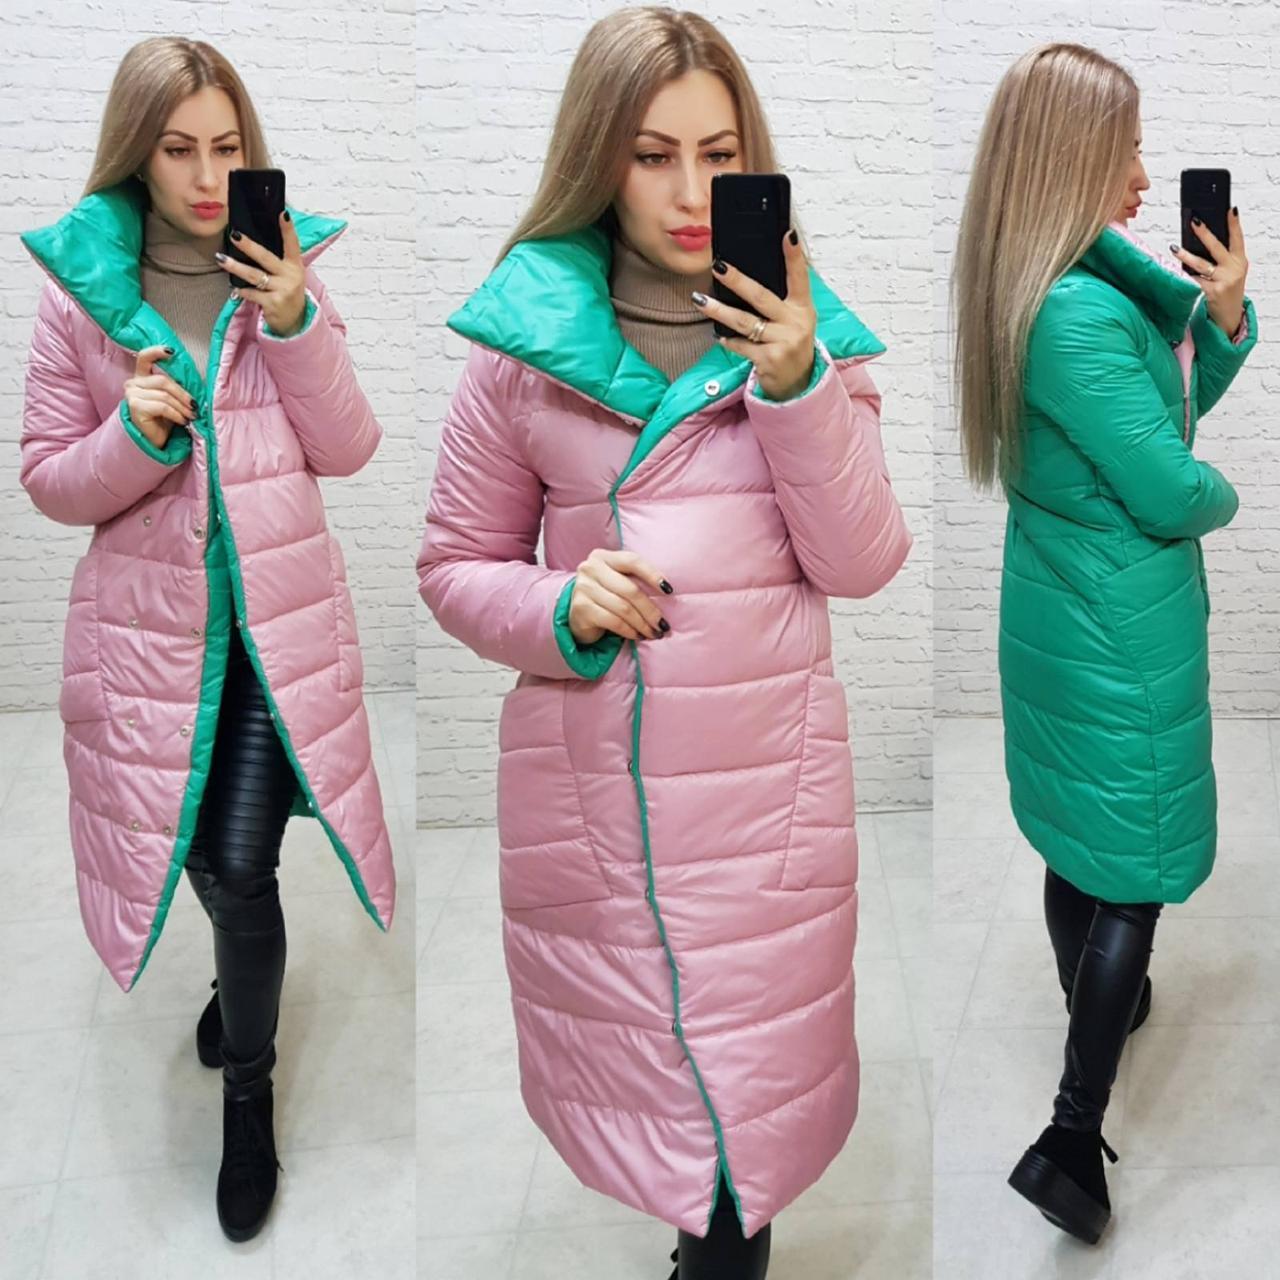 Пальто одеяло евро-зима двустороннее арт. 1006 розовый + зеленый